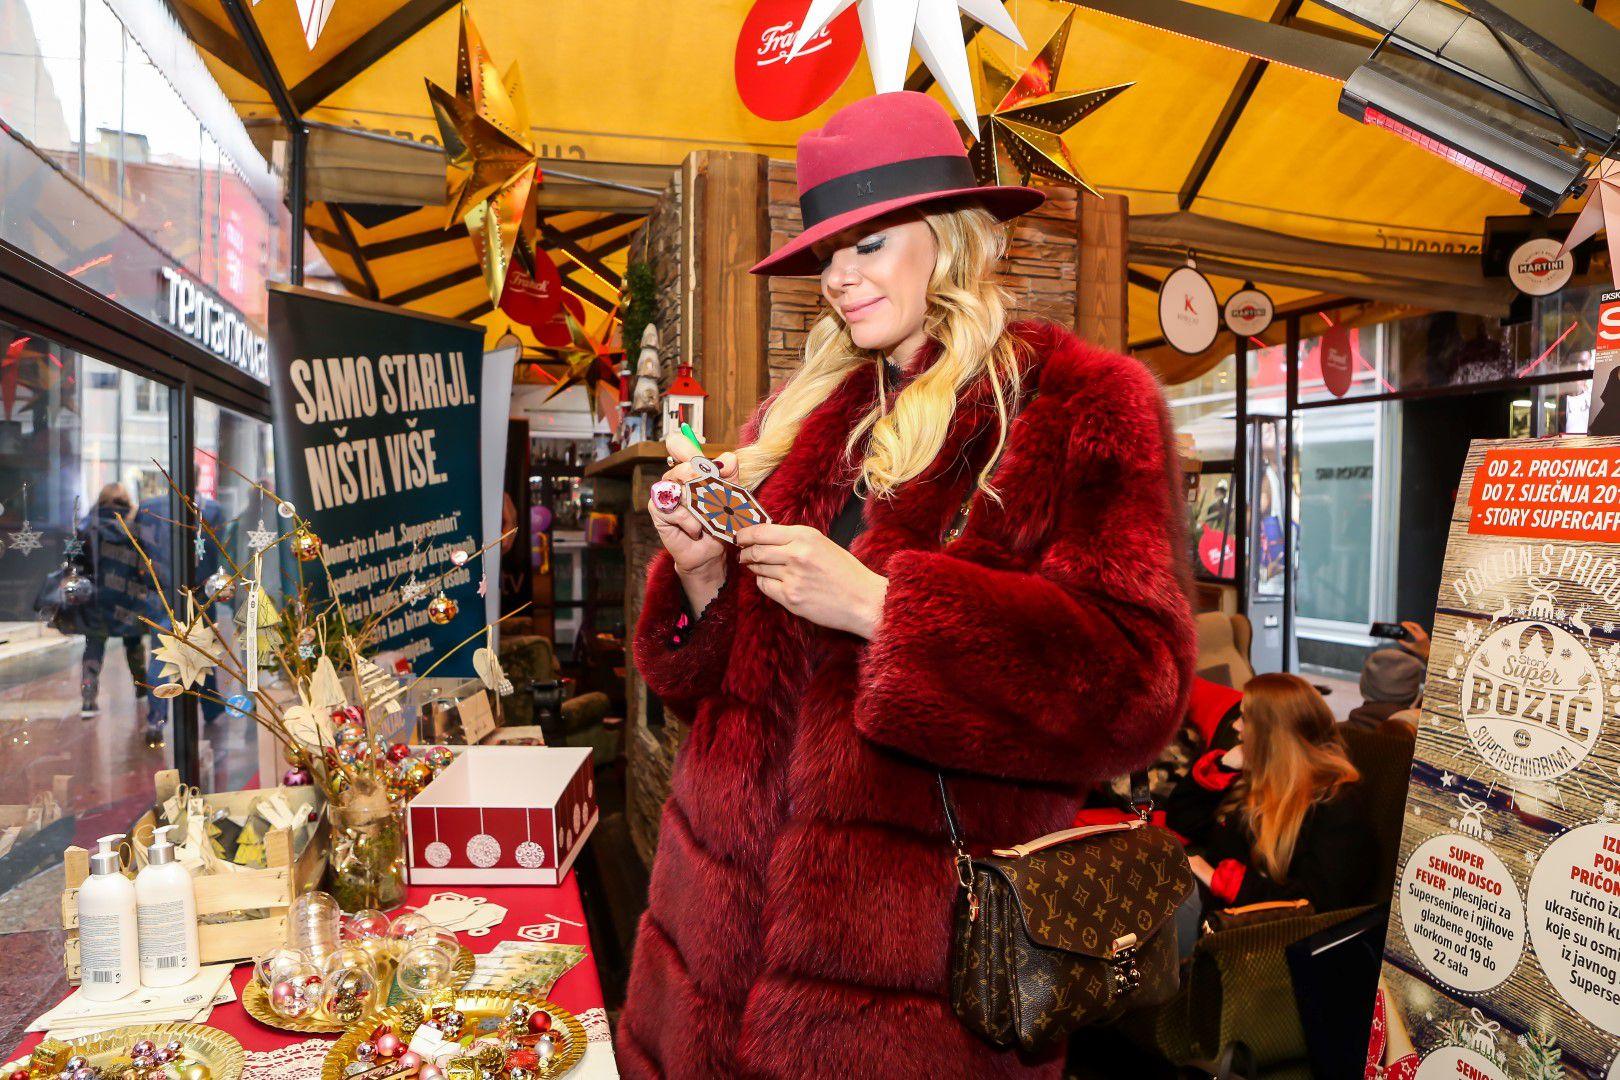 Aleksandra Dojčinović: Vrtoglavo skup šešir i dizajnerska torba dobitna su kombinacija za stylish zimu